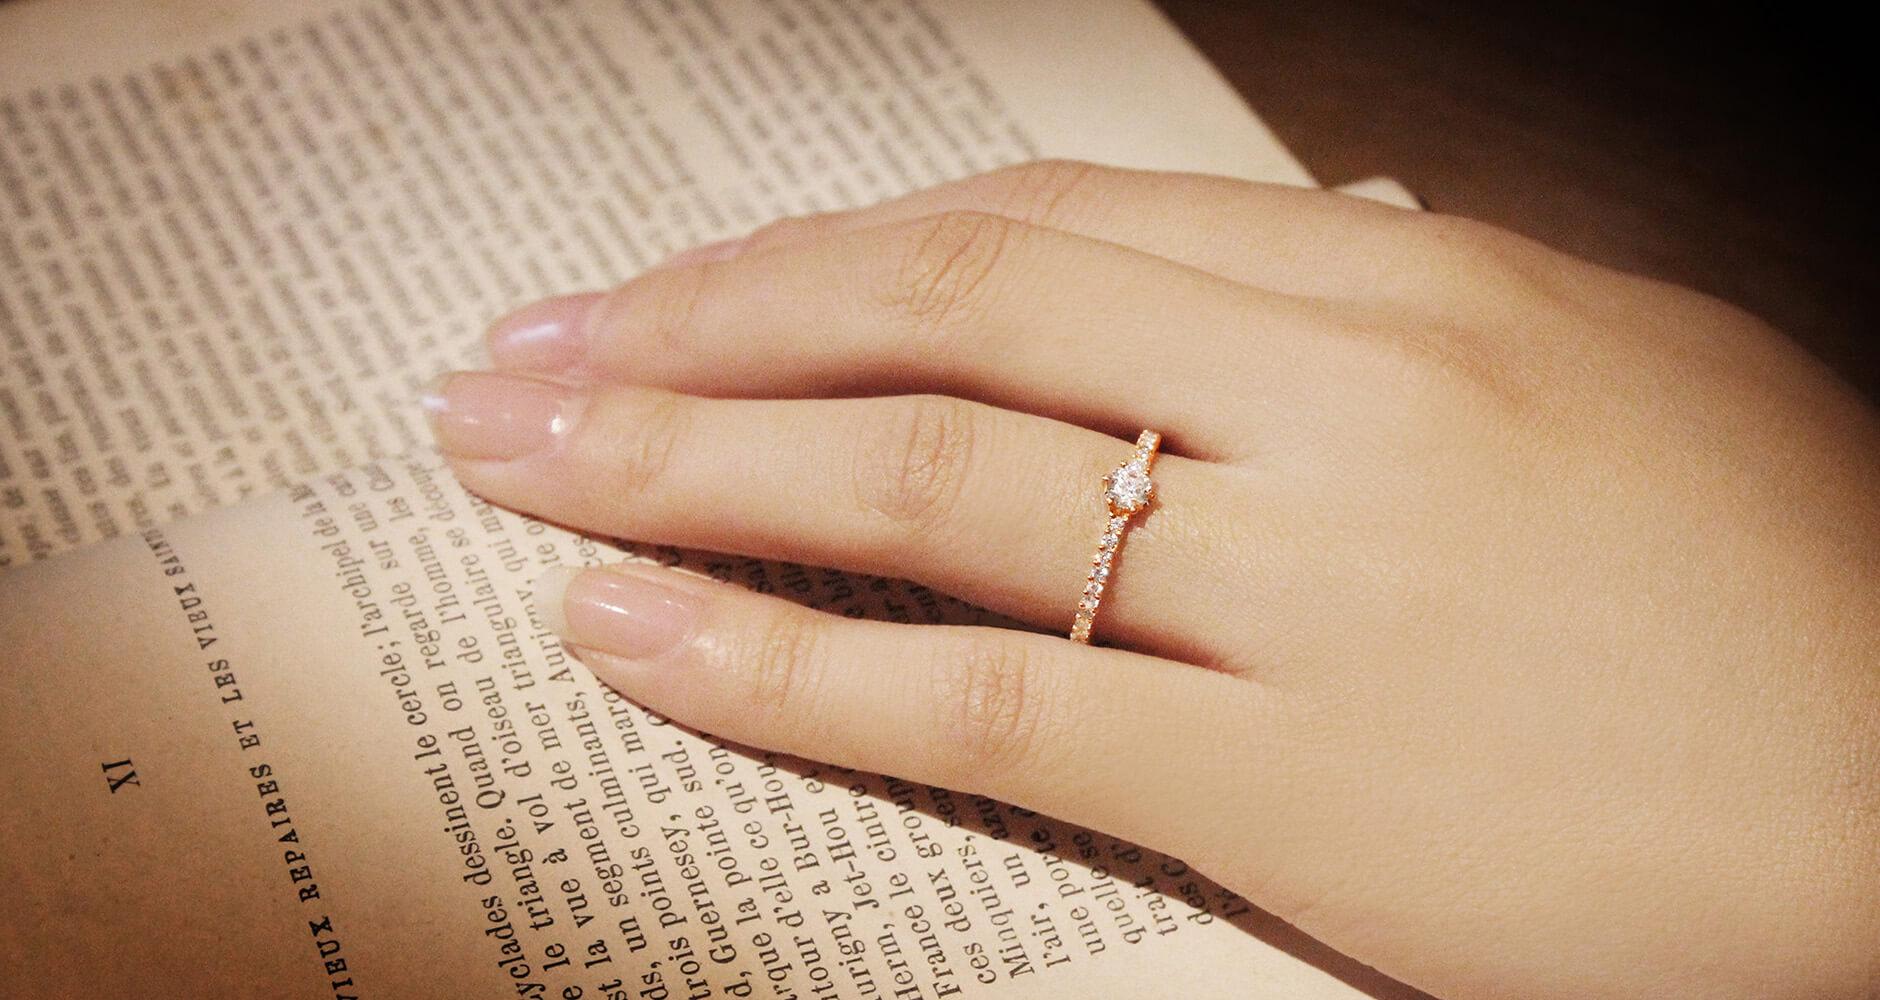 婚約指輪 オーダーメイド ダイヤモンド 沢山